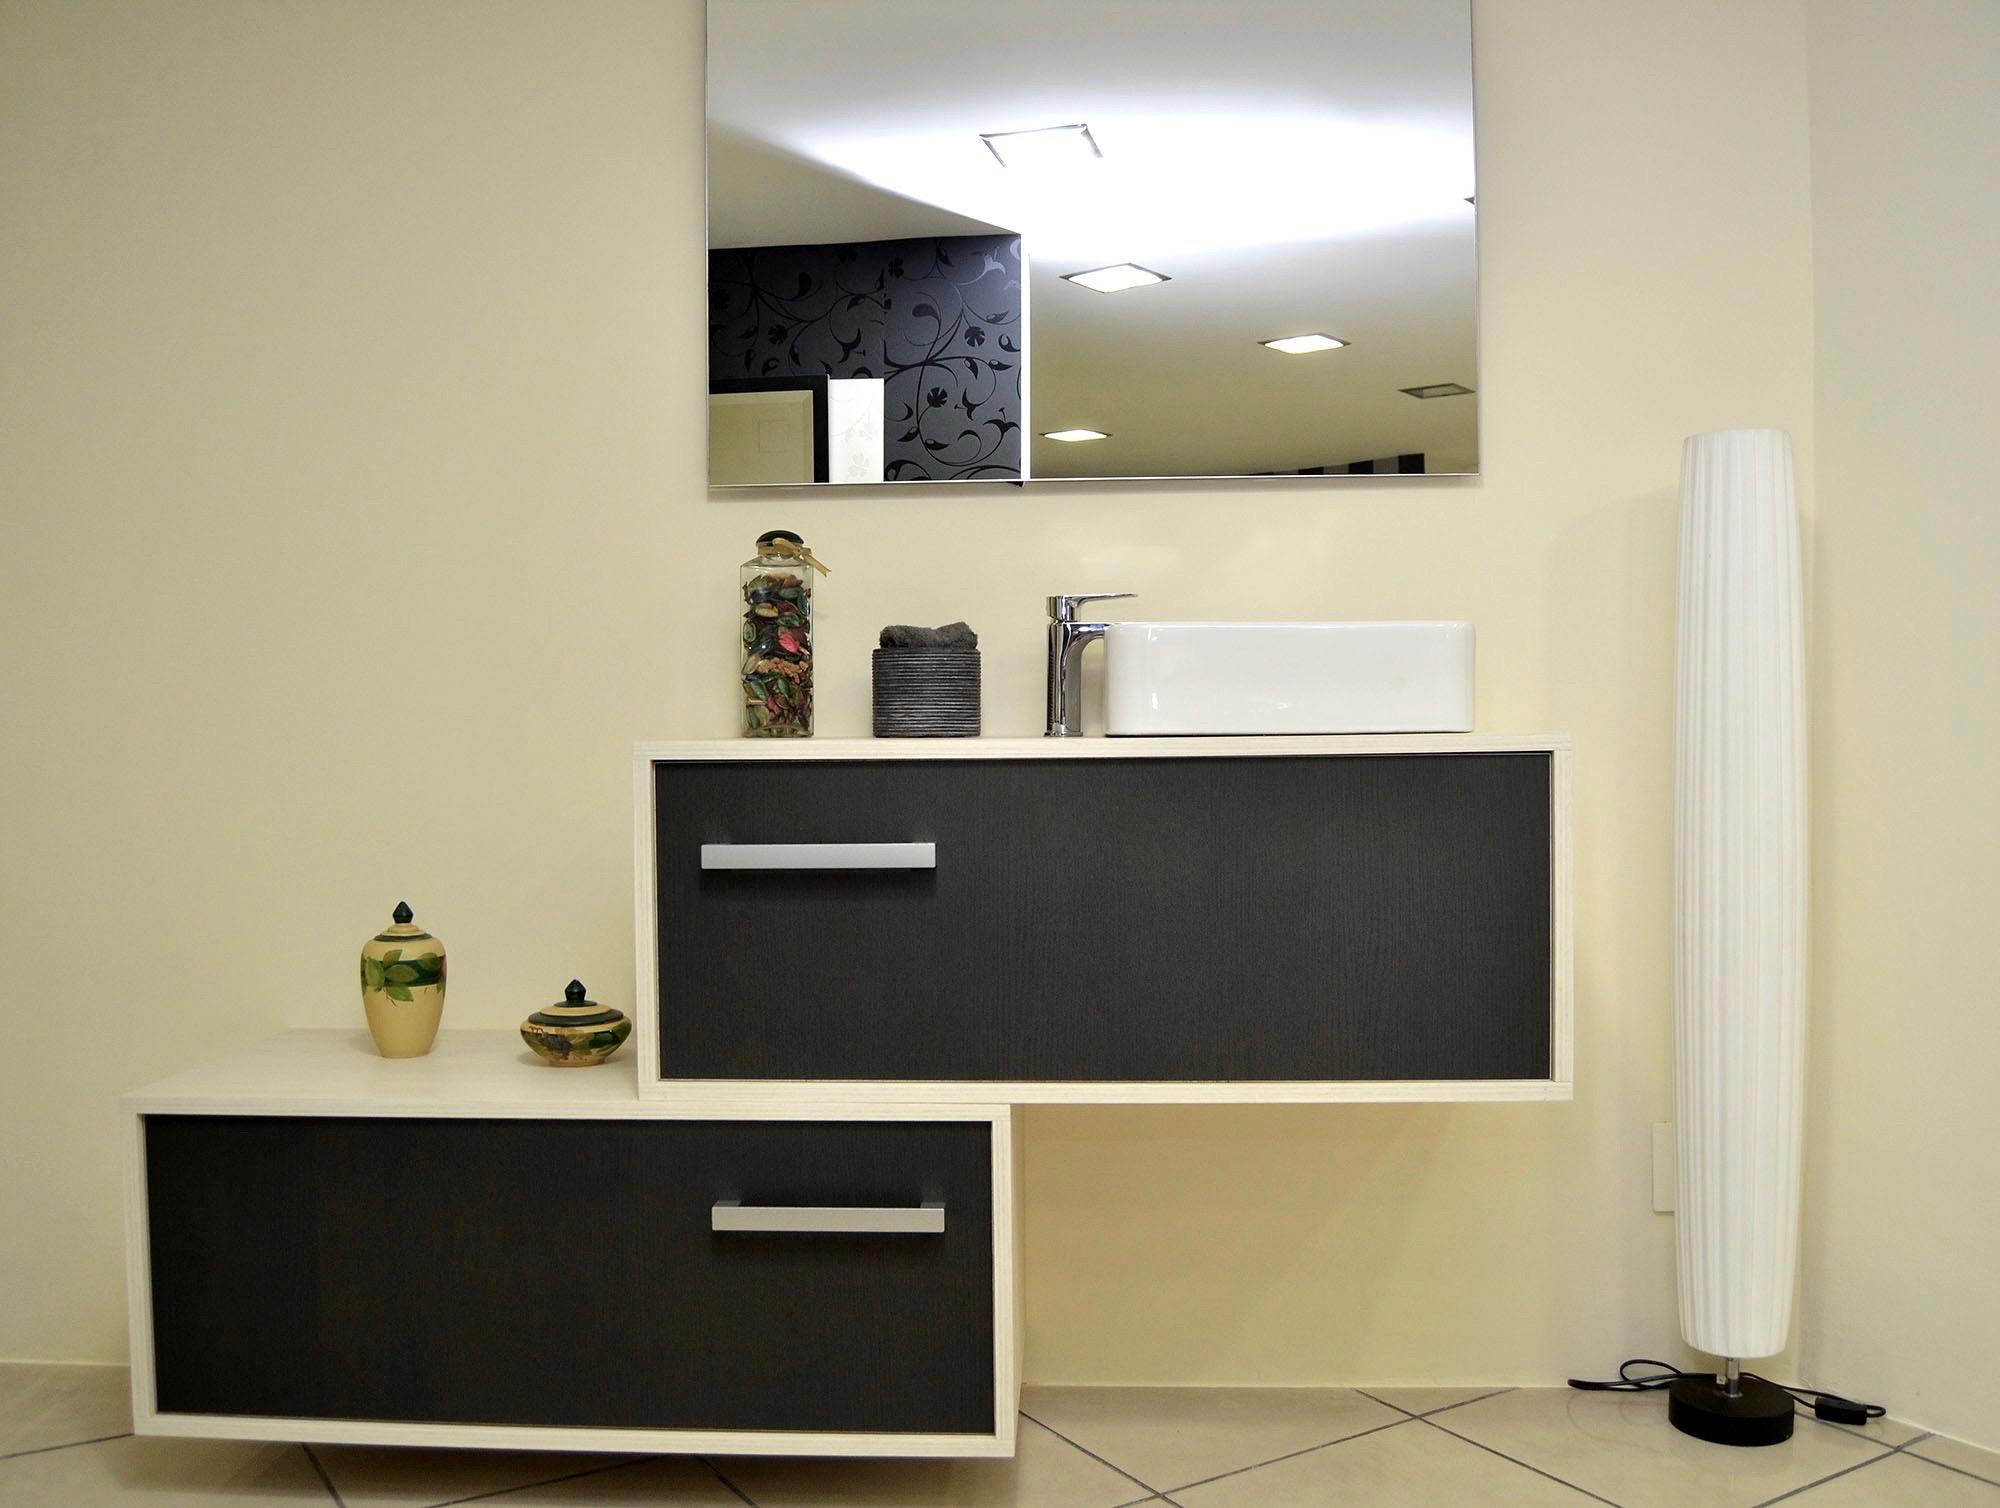 Baños Gama Elegance archivos - Tienda de muebles de cocina y baño en Santander